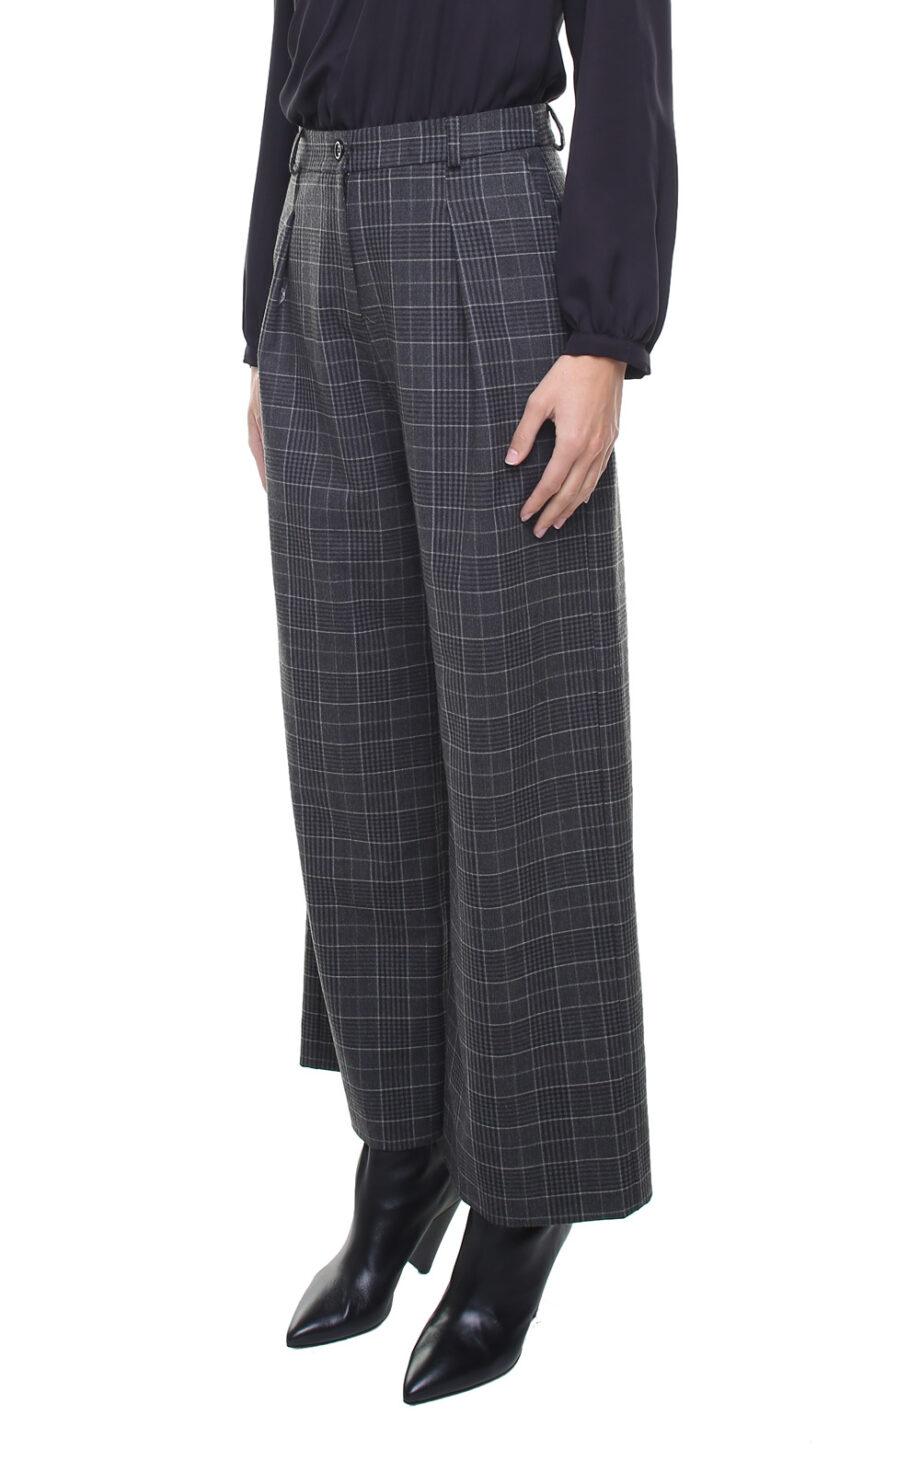 Isabel Pants Grey Checks